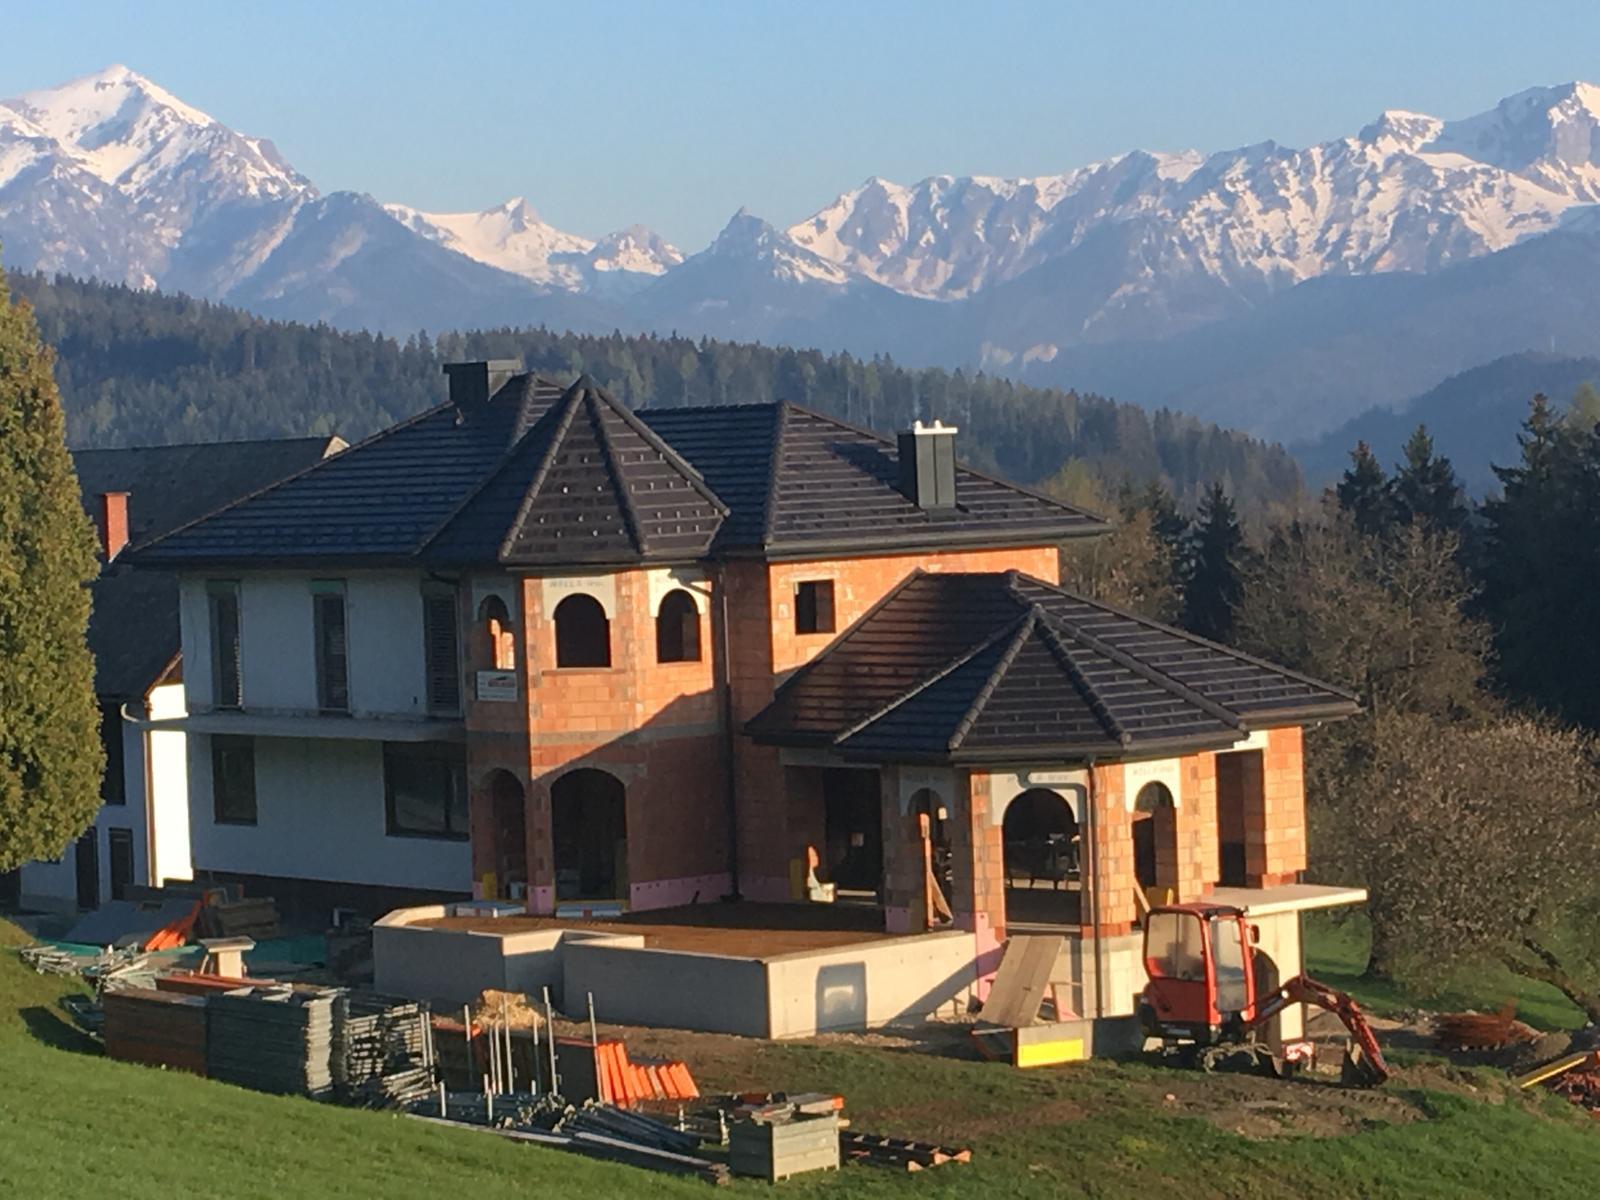 Etschmeyer Franz GmbH